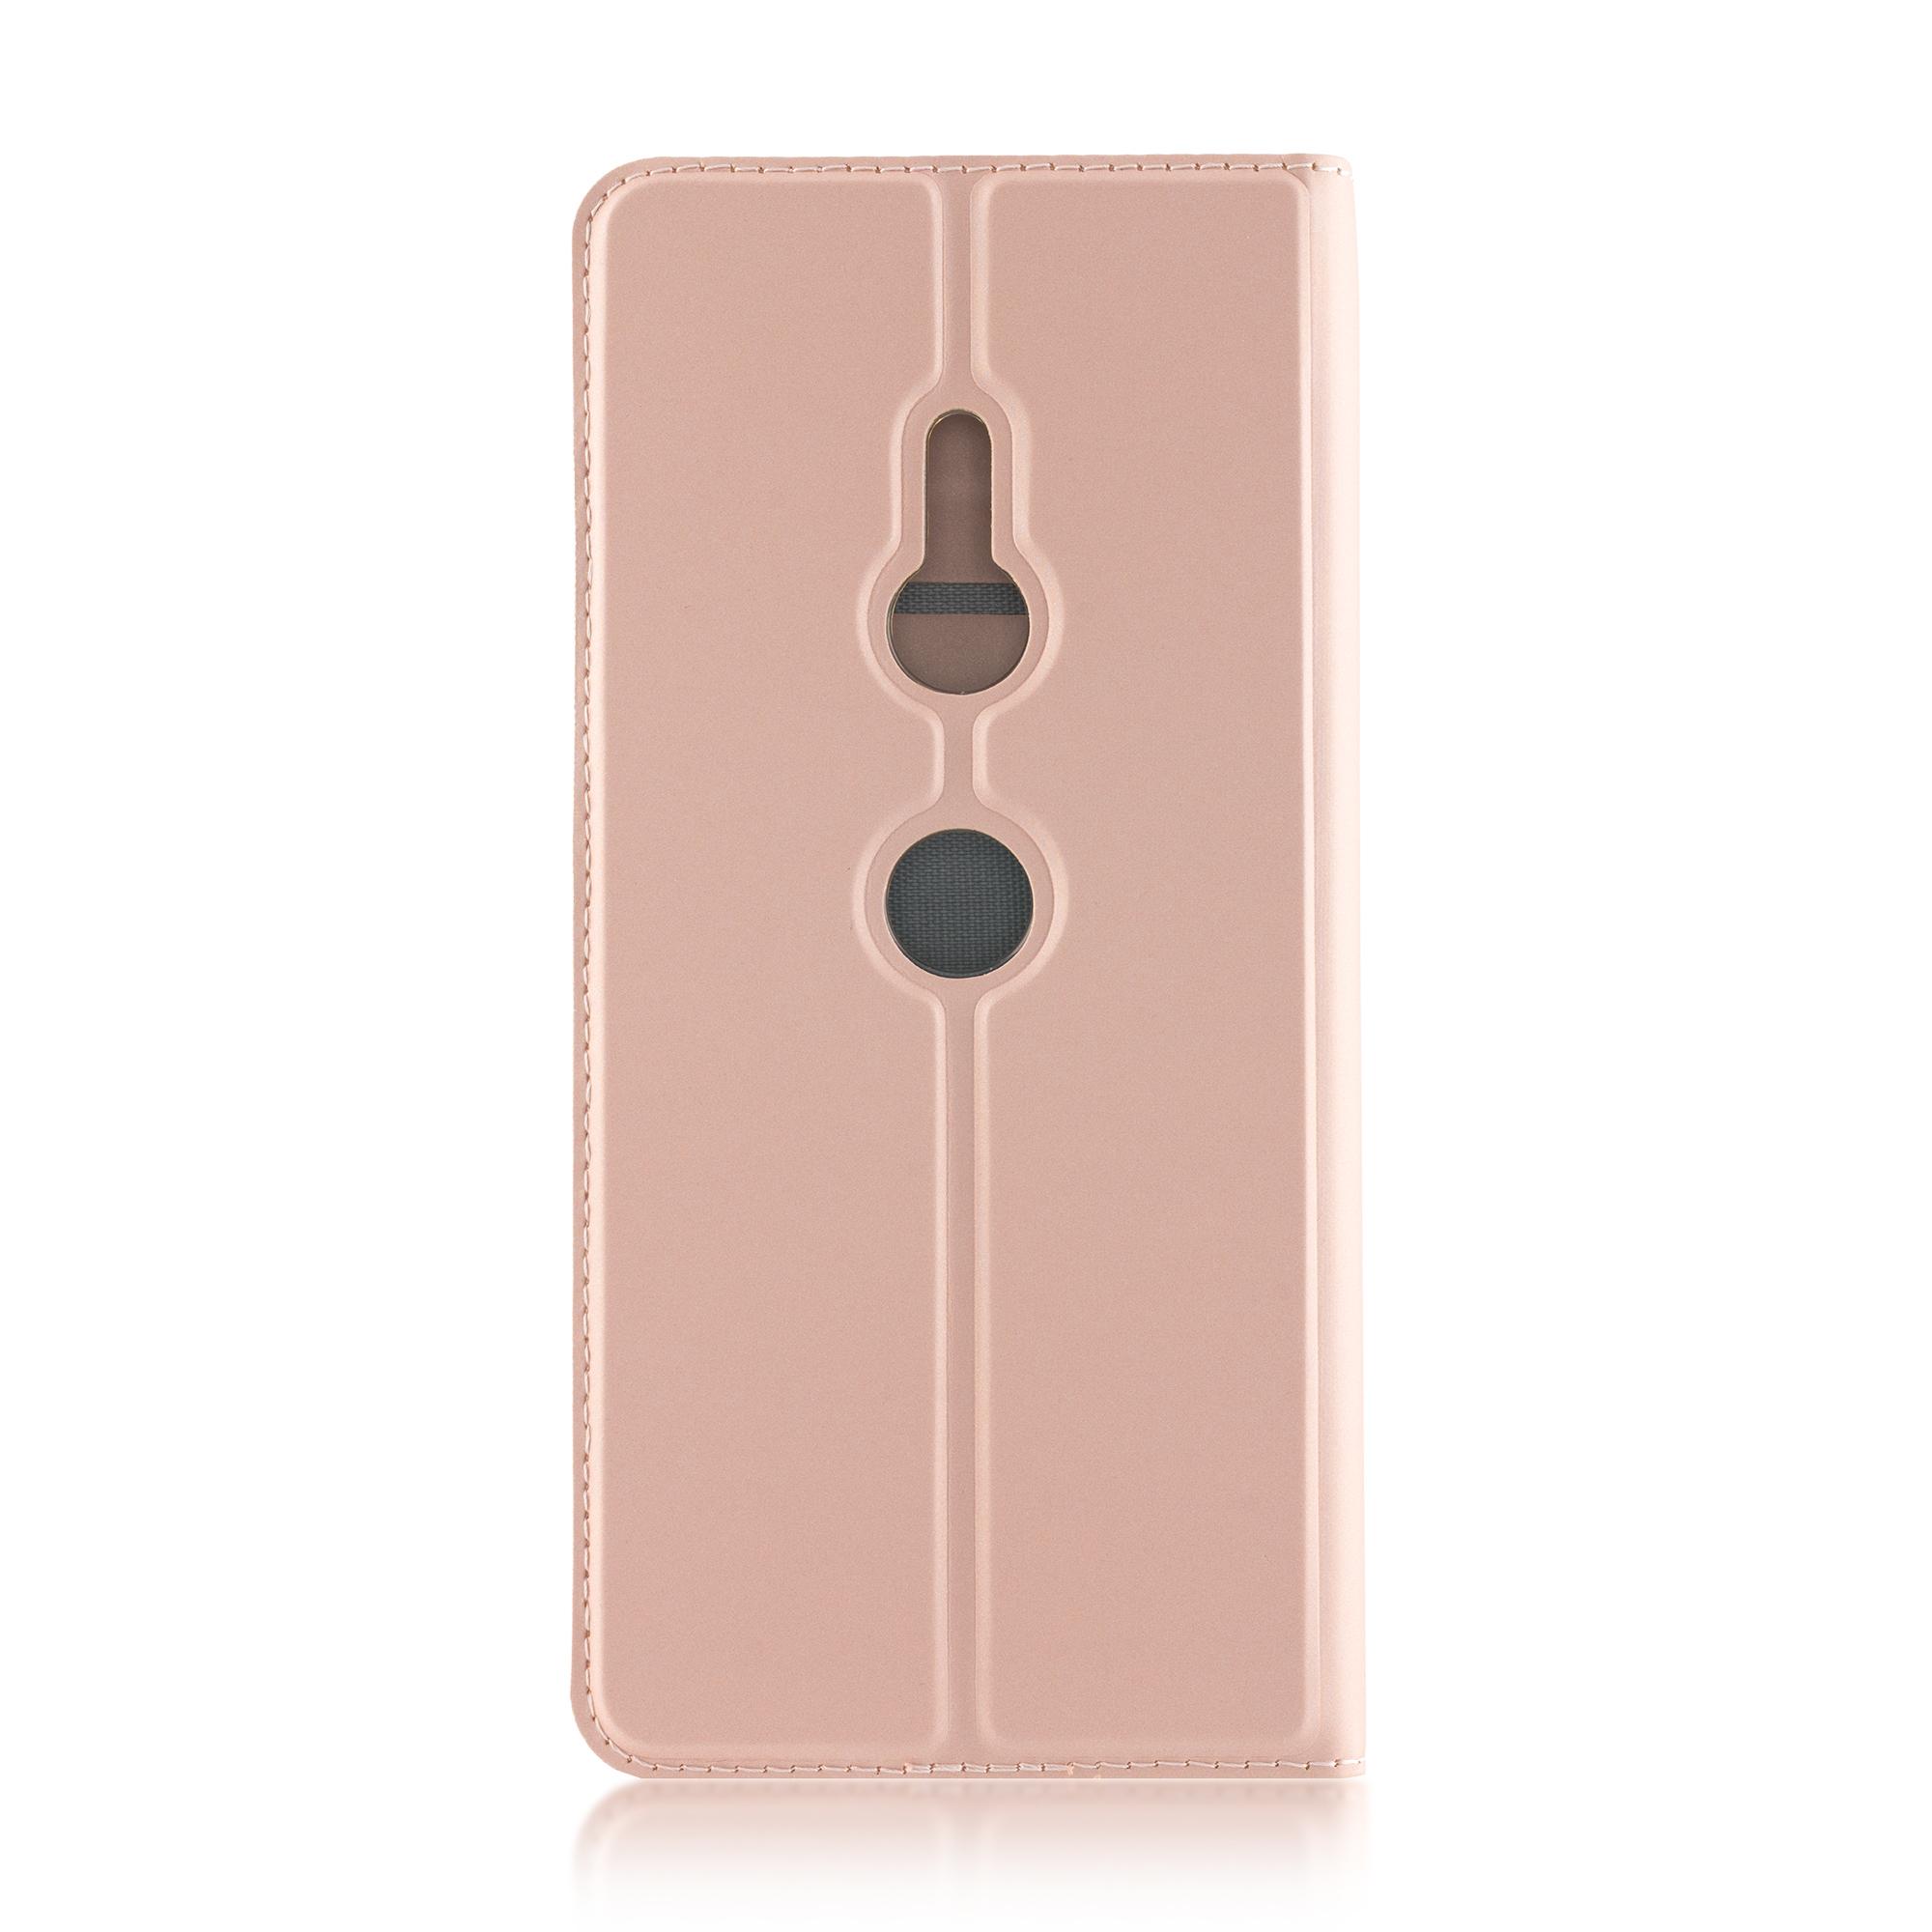 Чехол-книжка для Xperia XZ3 розового цвета в Sony Centre Воронеж